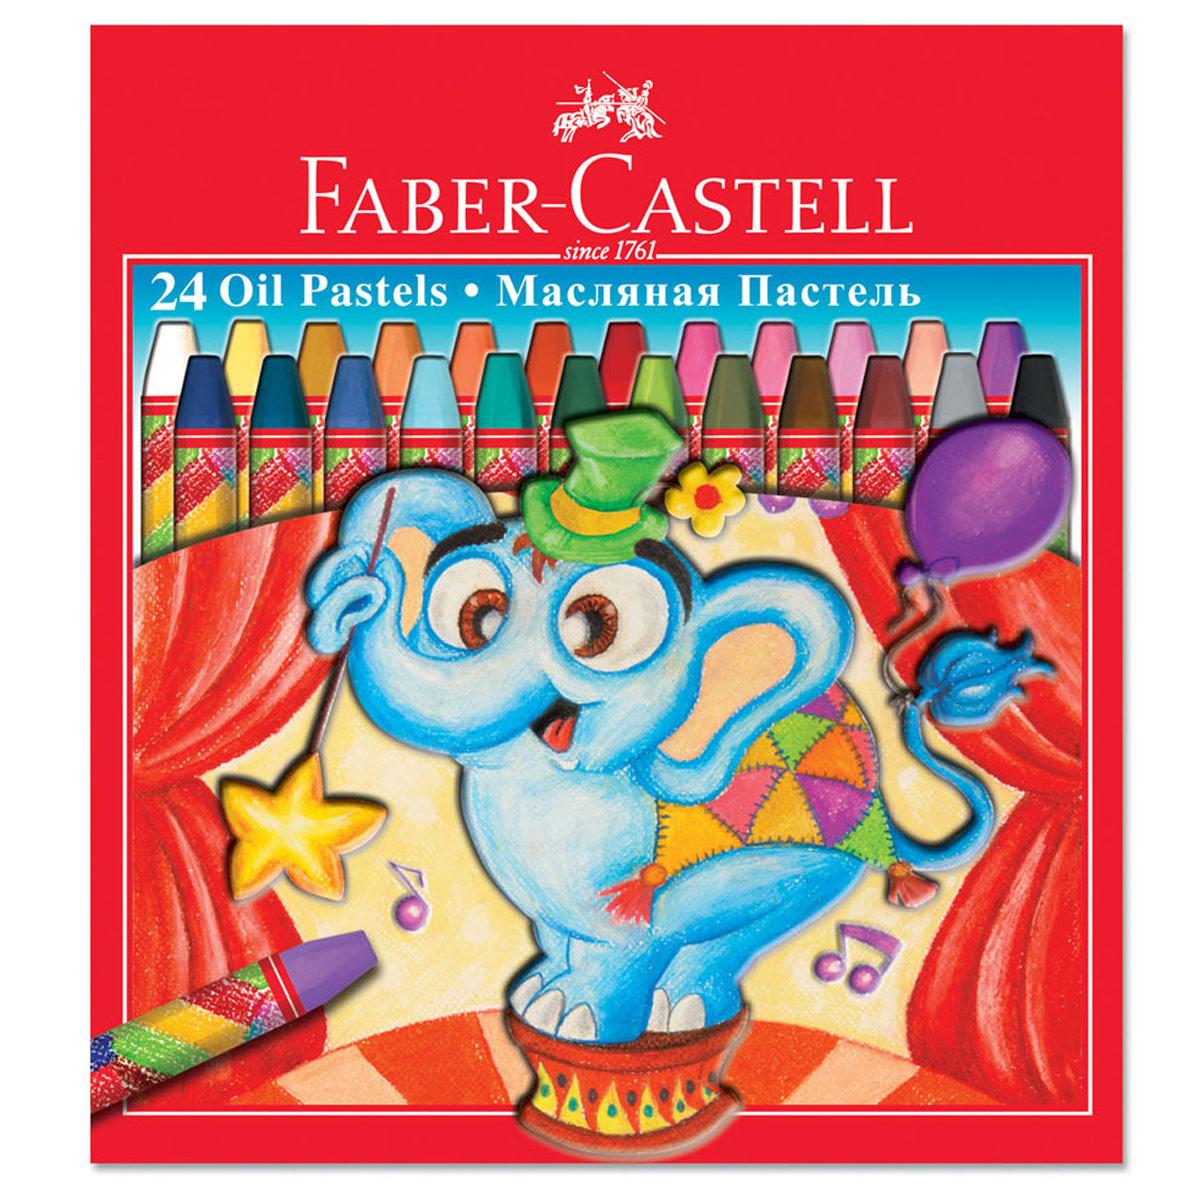 Масляная пастель Faber-Castell, 24 цветаFS-36054Масляная пастель Faber-Castell включает в себя 24 мелка насыщенных цветов.Пастель отличается высоким качеством и впечатляюще яркими цветами. Она обеспечит комфортное и мягкое рисования. Благодаря однородной консистенции пастель не крошится. Превосходно ложится на бумагу, картон, дерево и камень, устойчива к температуре. Цвета можно смешивать для получения новых оттенков.Масляная пастель Faber-Castell, безопасная для малыша, позволит вашему маленькому художнику раскрыть свой талант. Подарите своему ребенку радость творчества!